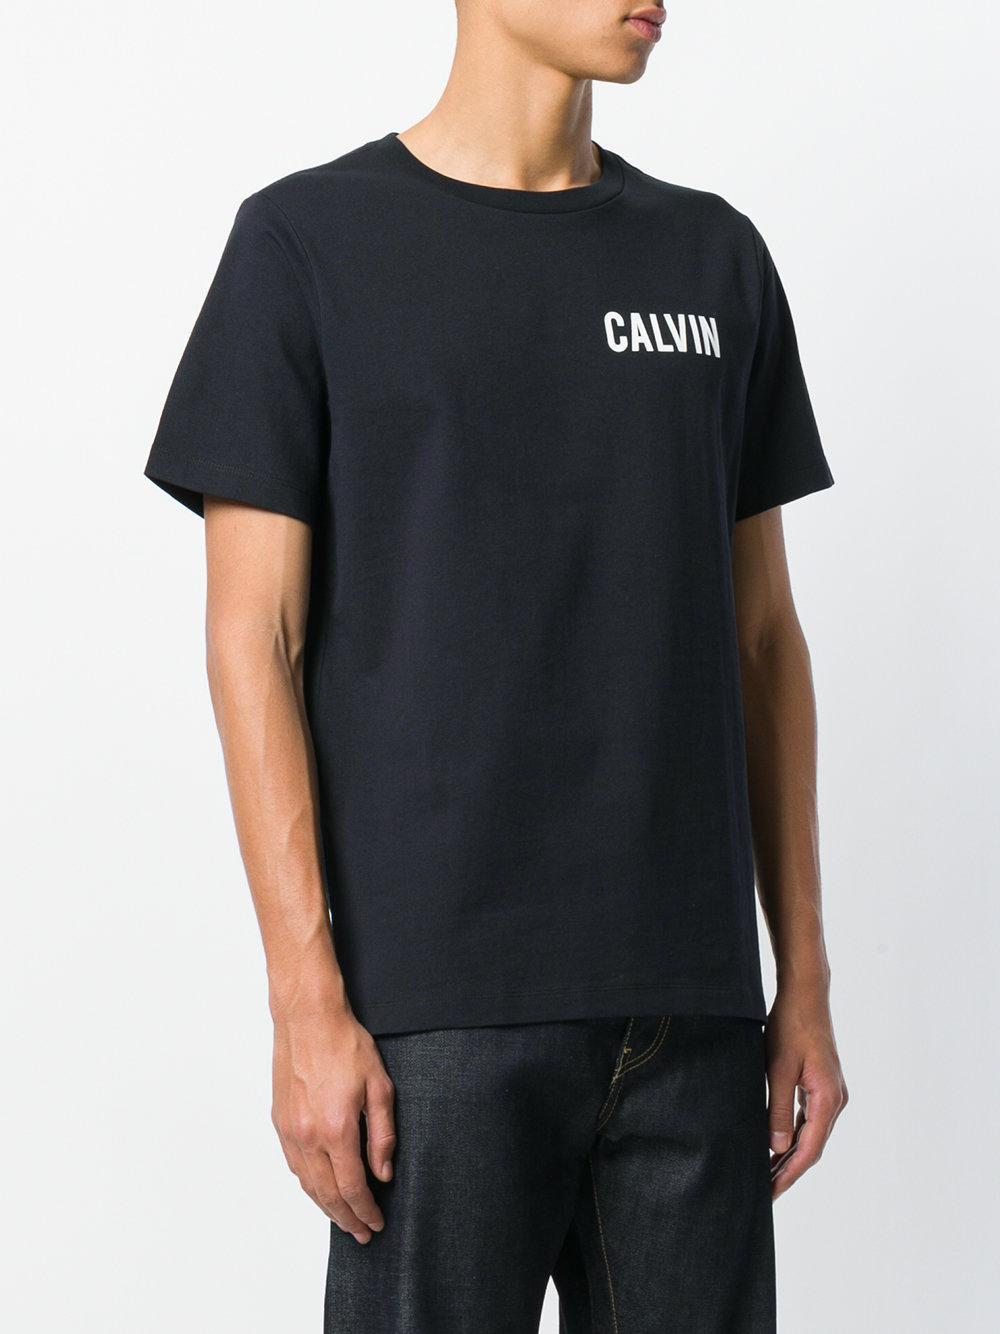 e6b39991 Calvin Klein Hardcore T-shirt in Black for Men - Lyst